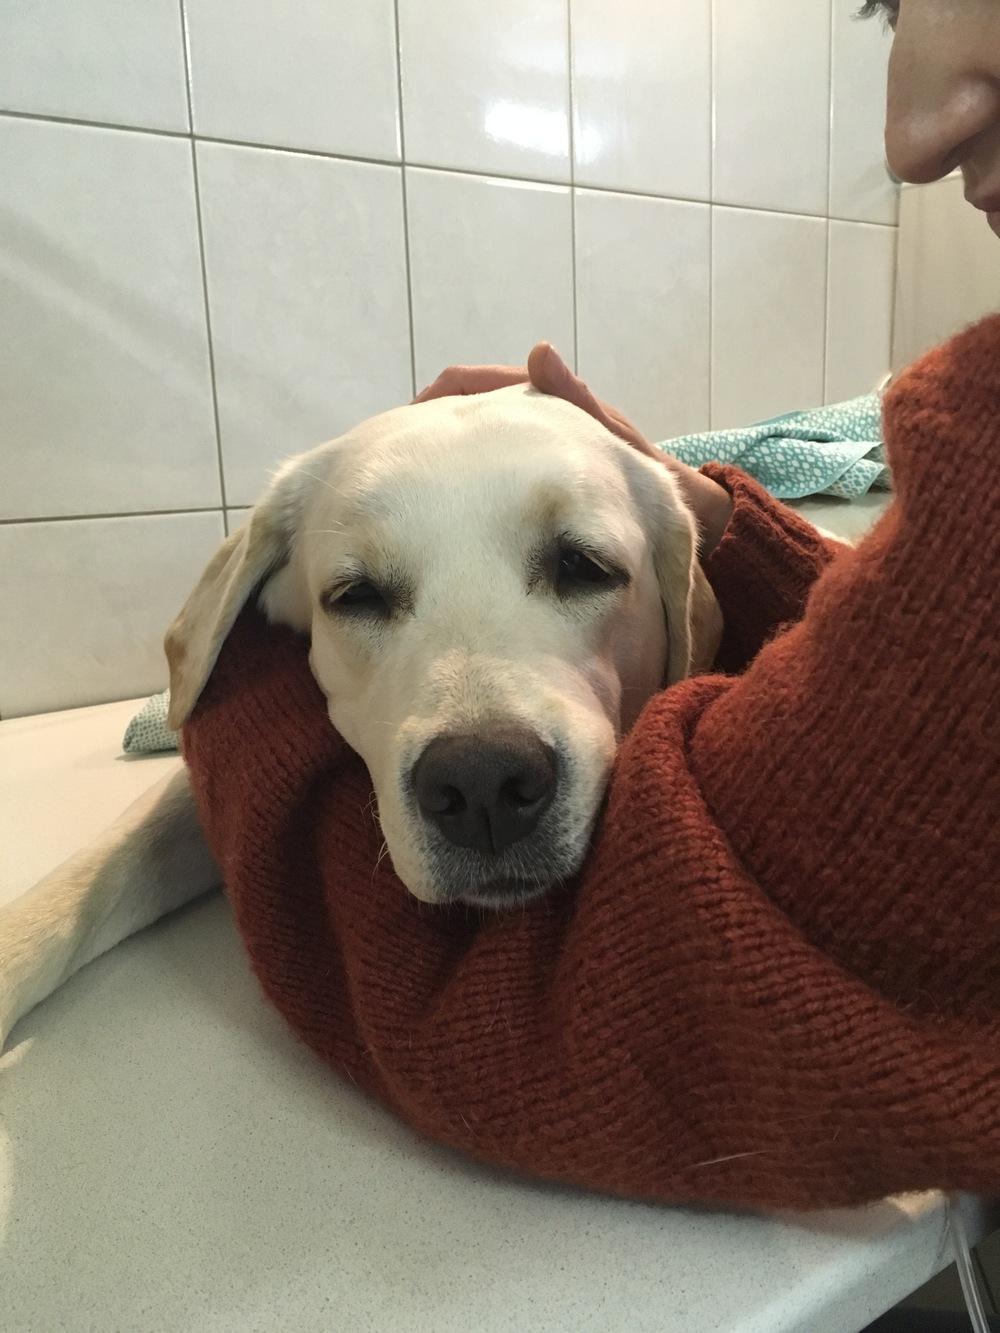 Член пса застрял в хозяйке